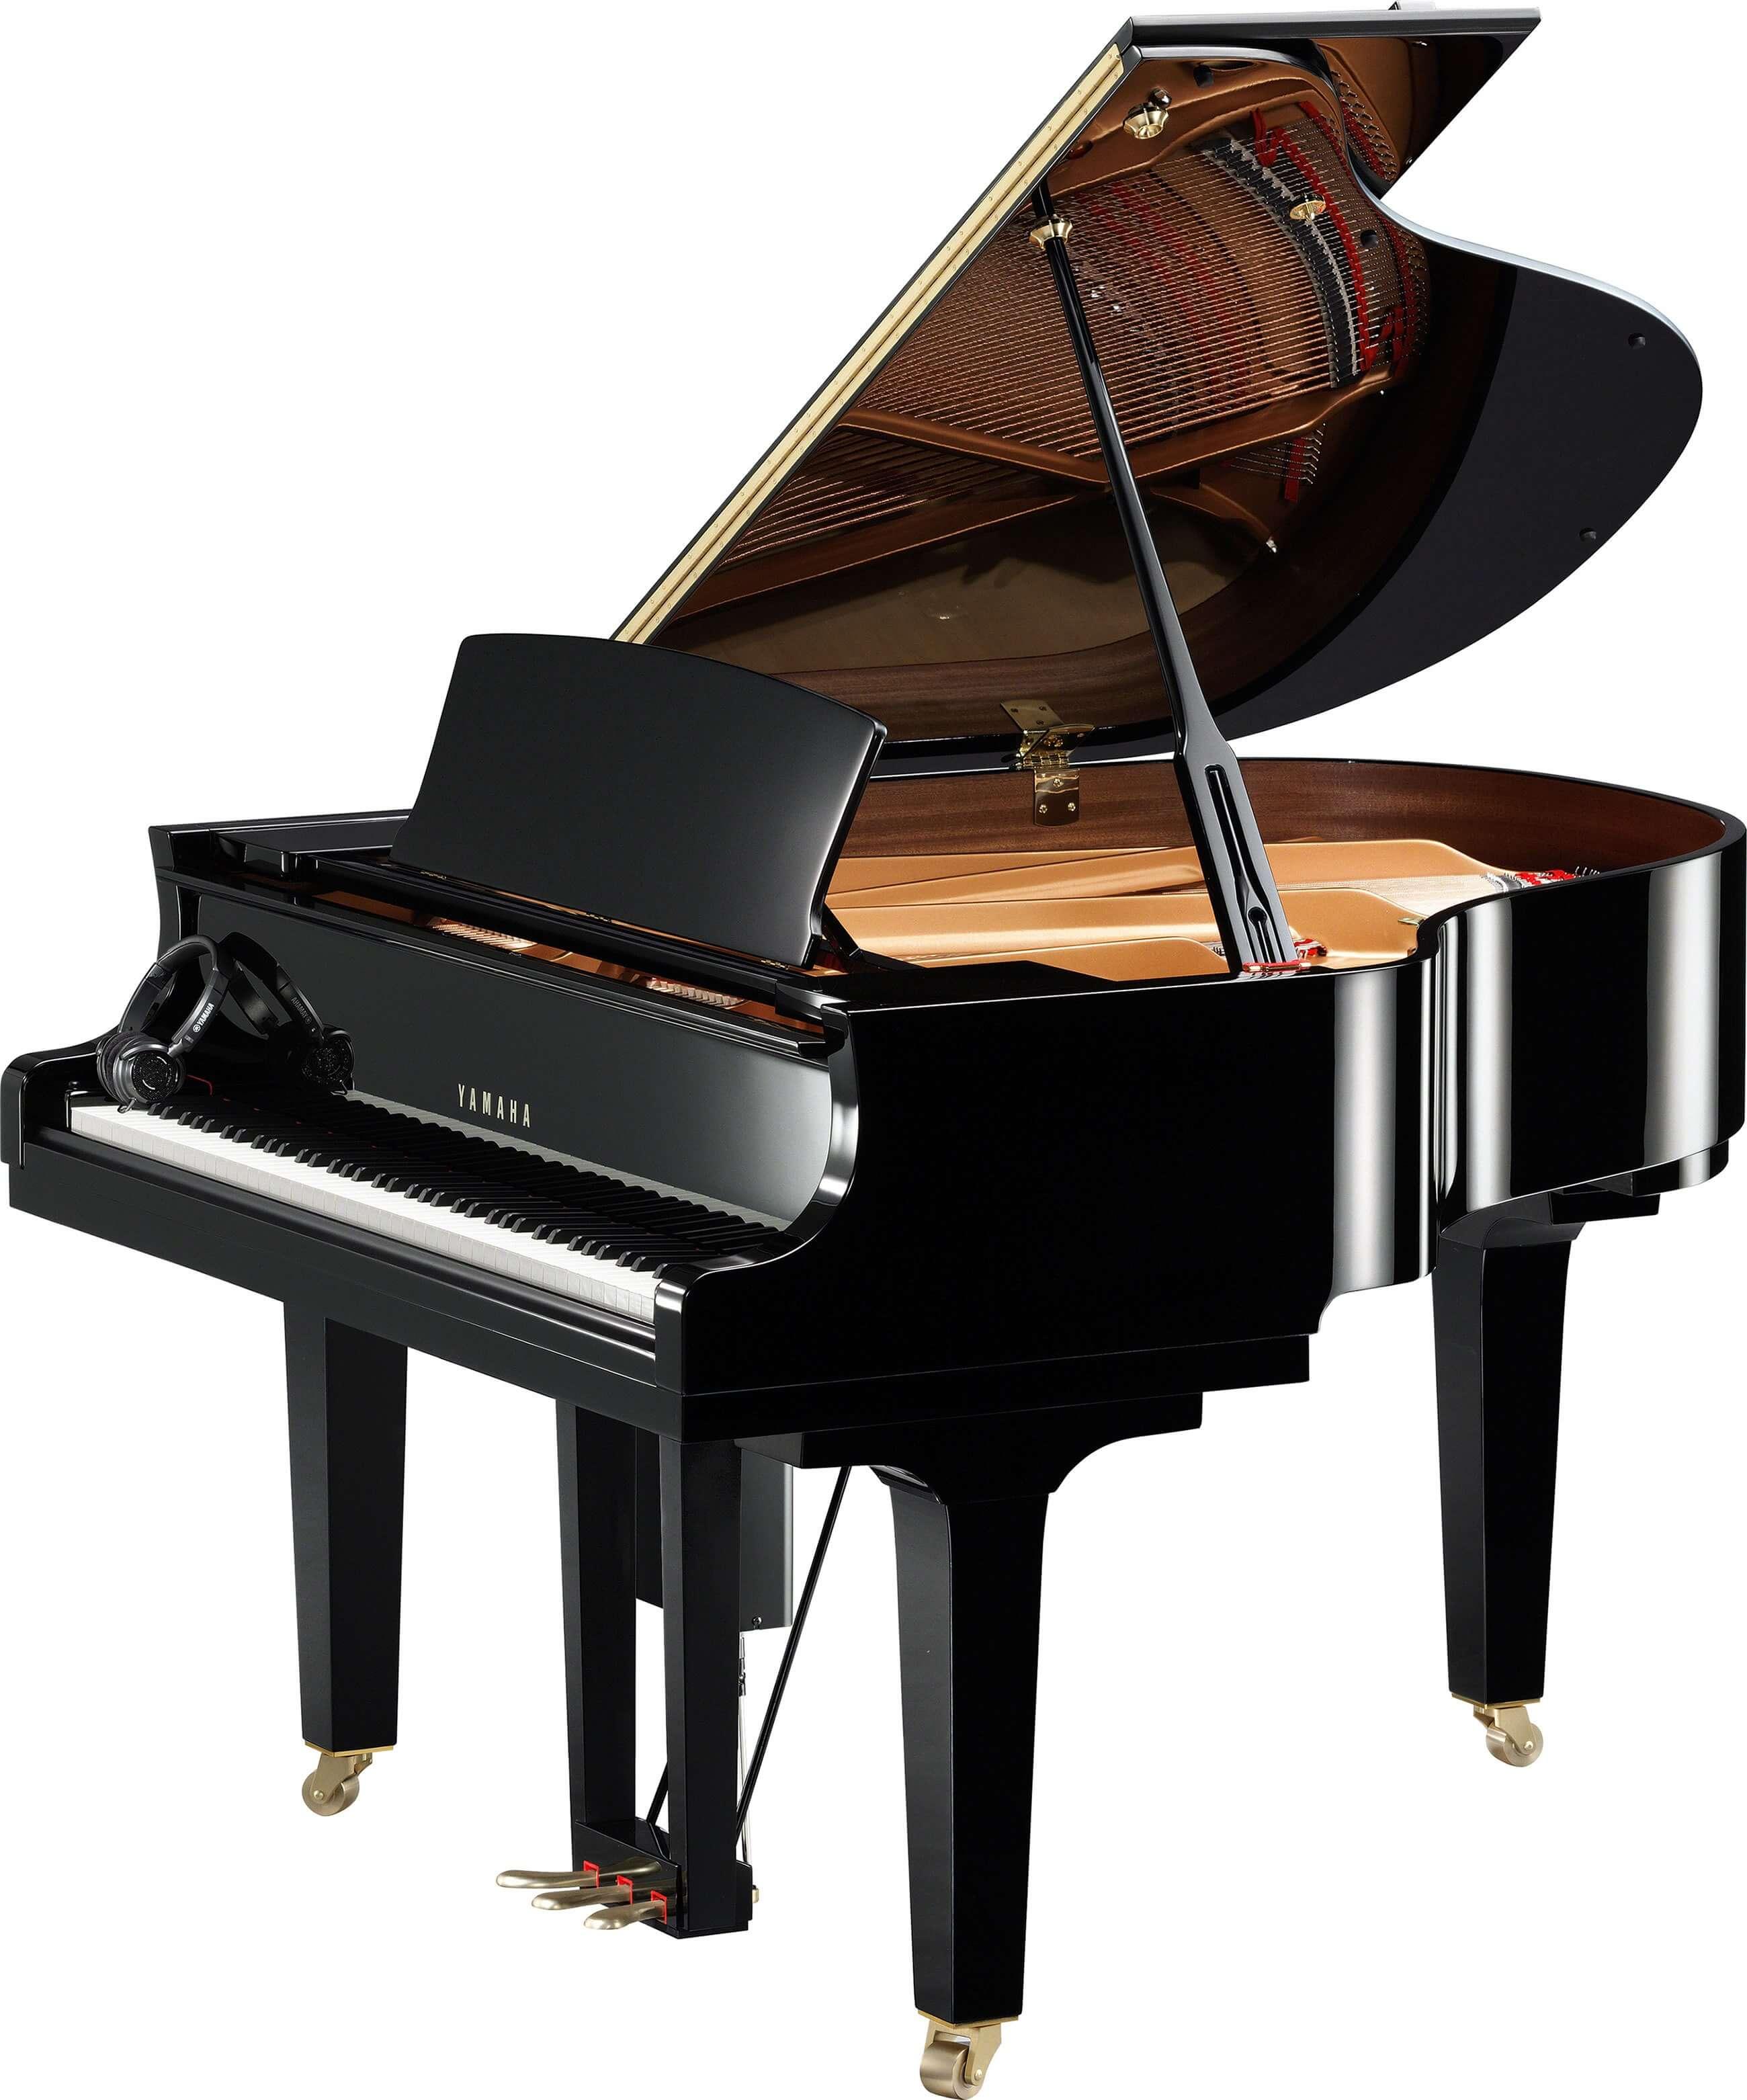 Piano de Cola Disklavier Yamaha C1X ENSPIRE PRO